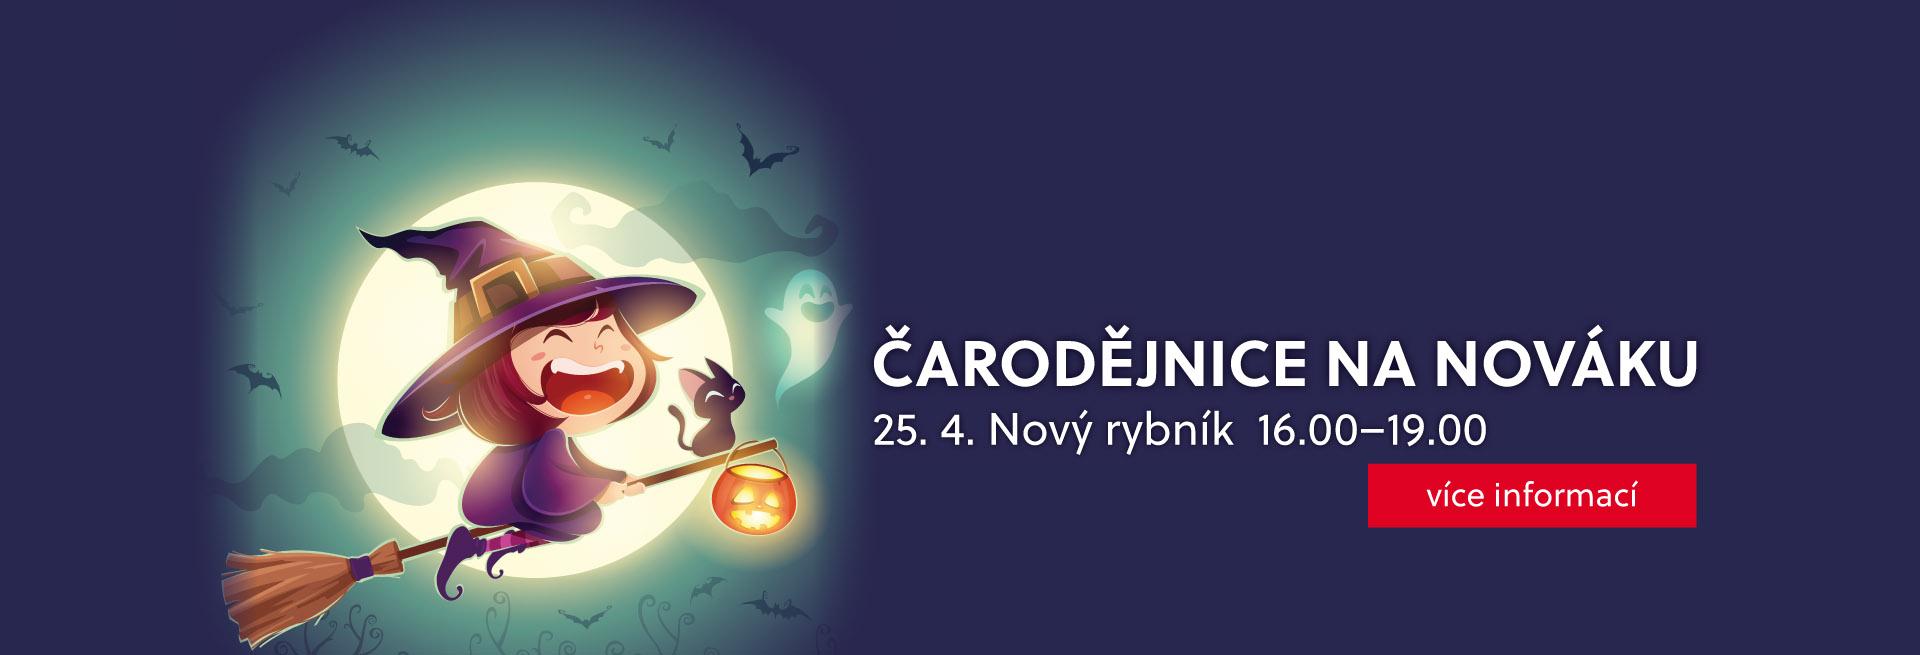 Čarodějnice na Nováku 2019